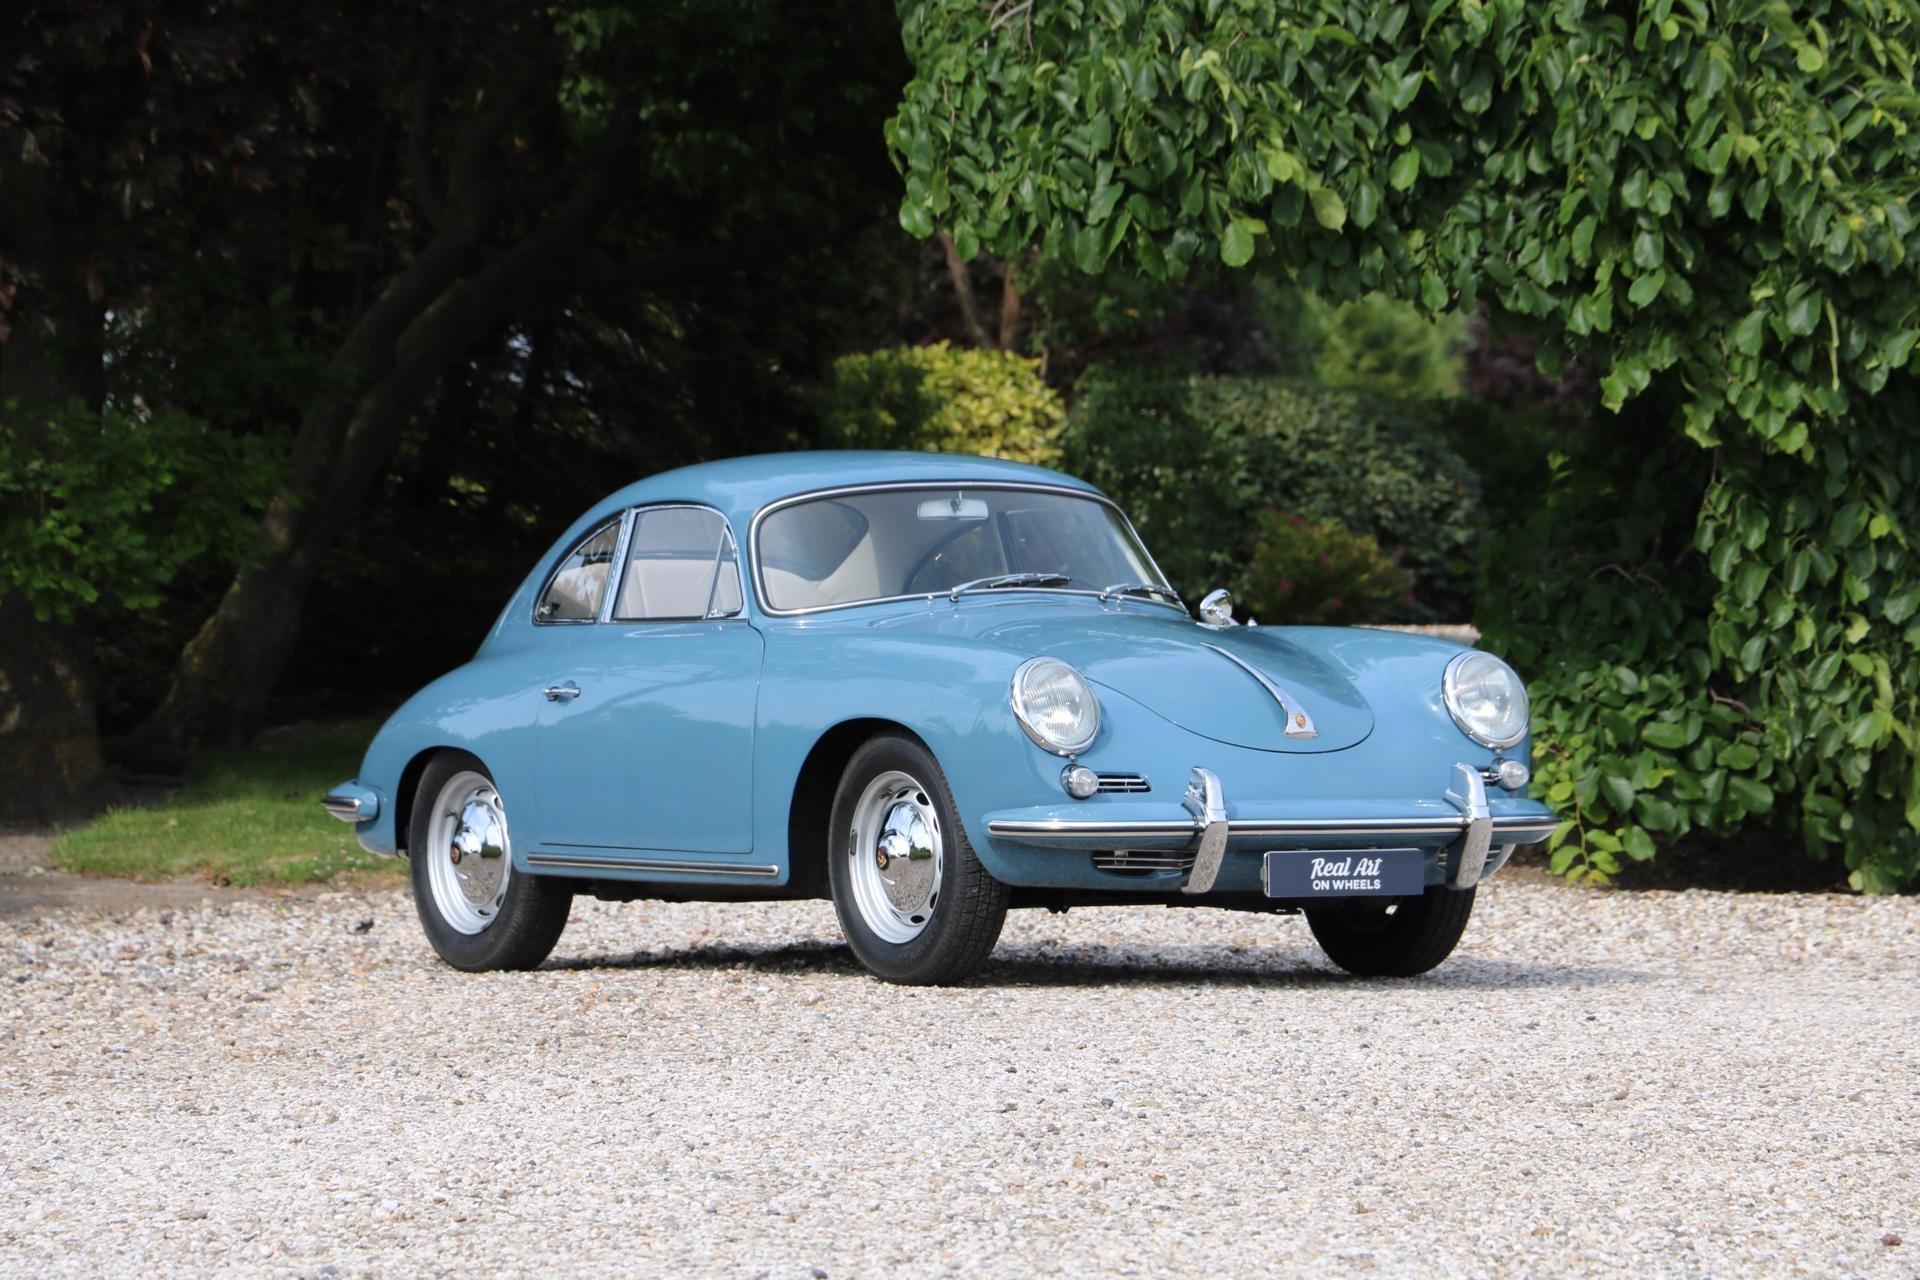 Porsche 356 B 1600 Super 90